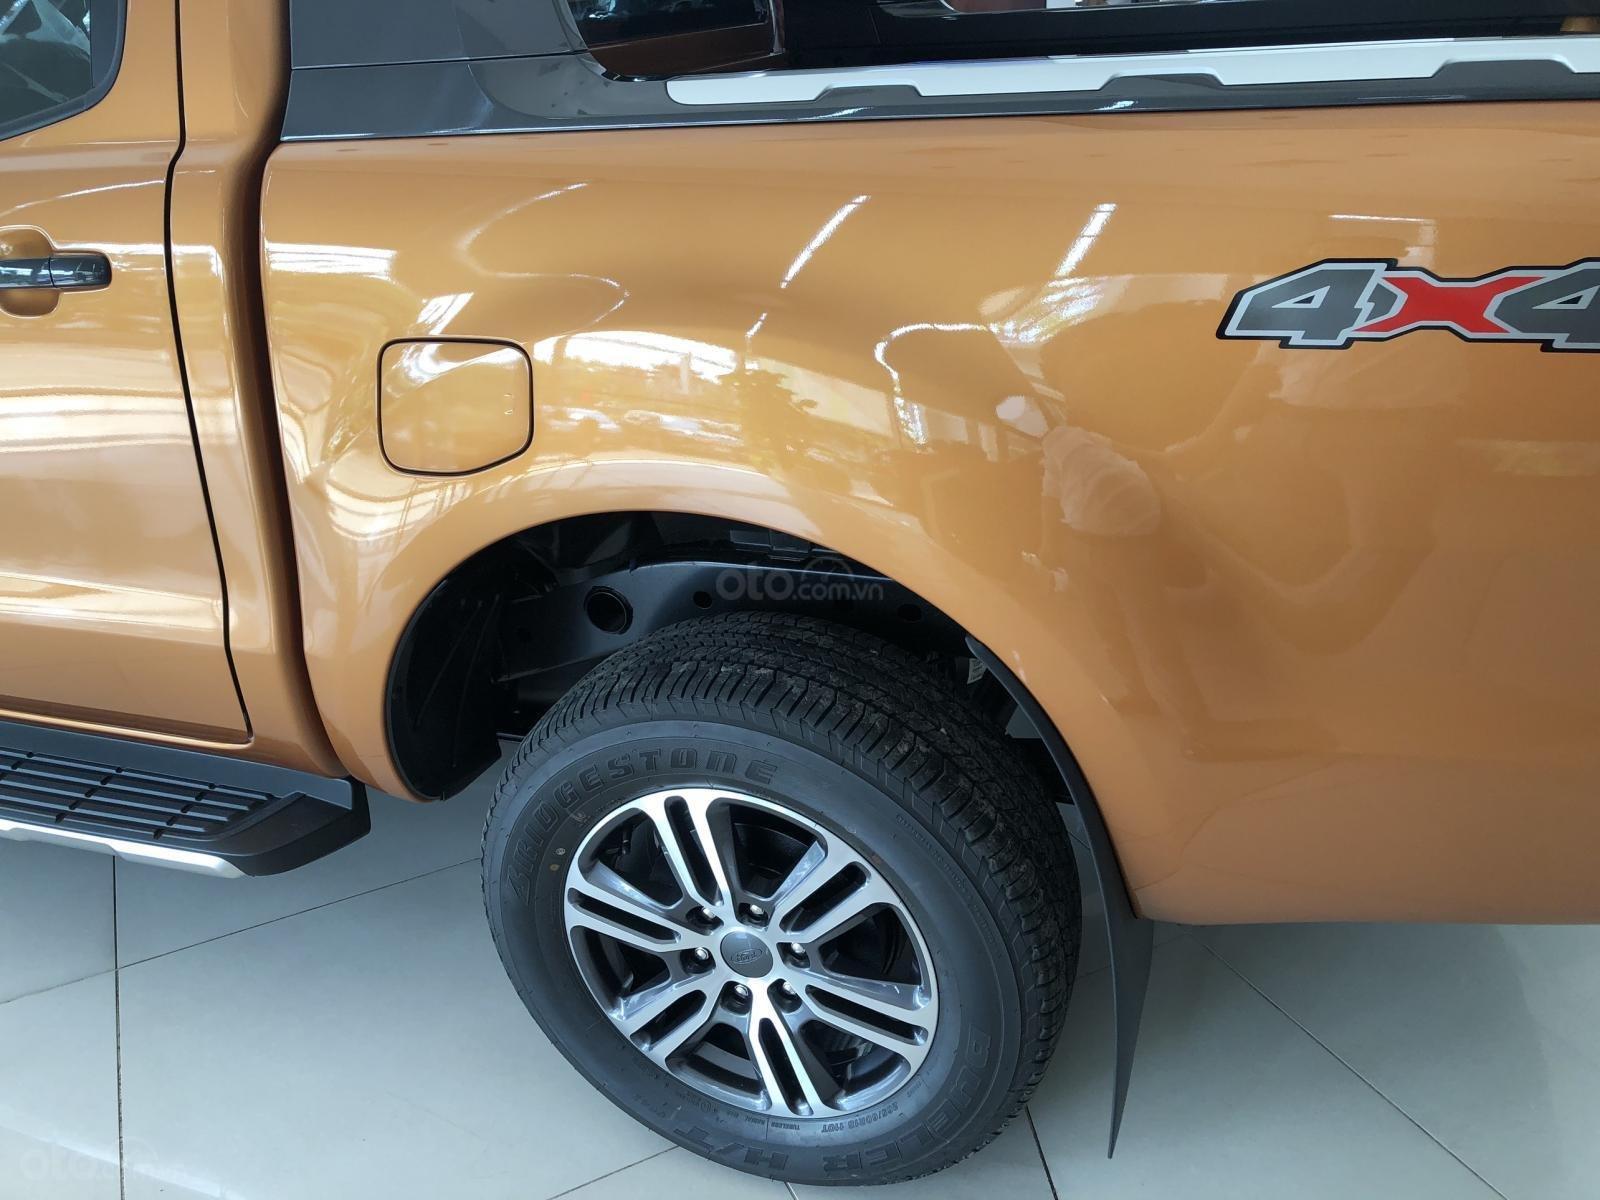 [Siêu ưu đãi] Ford Ranger Wildtrak 2020 Biturbo - khuyến mãi tháng ngâu giảm giá cực ngầu - trả trước 160 triệu lấy xe ngay (5)